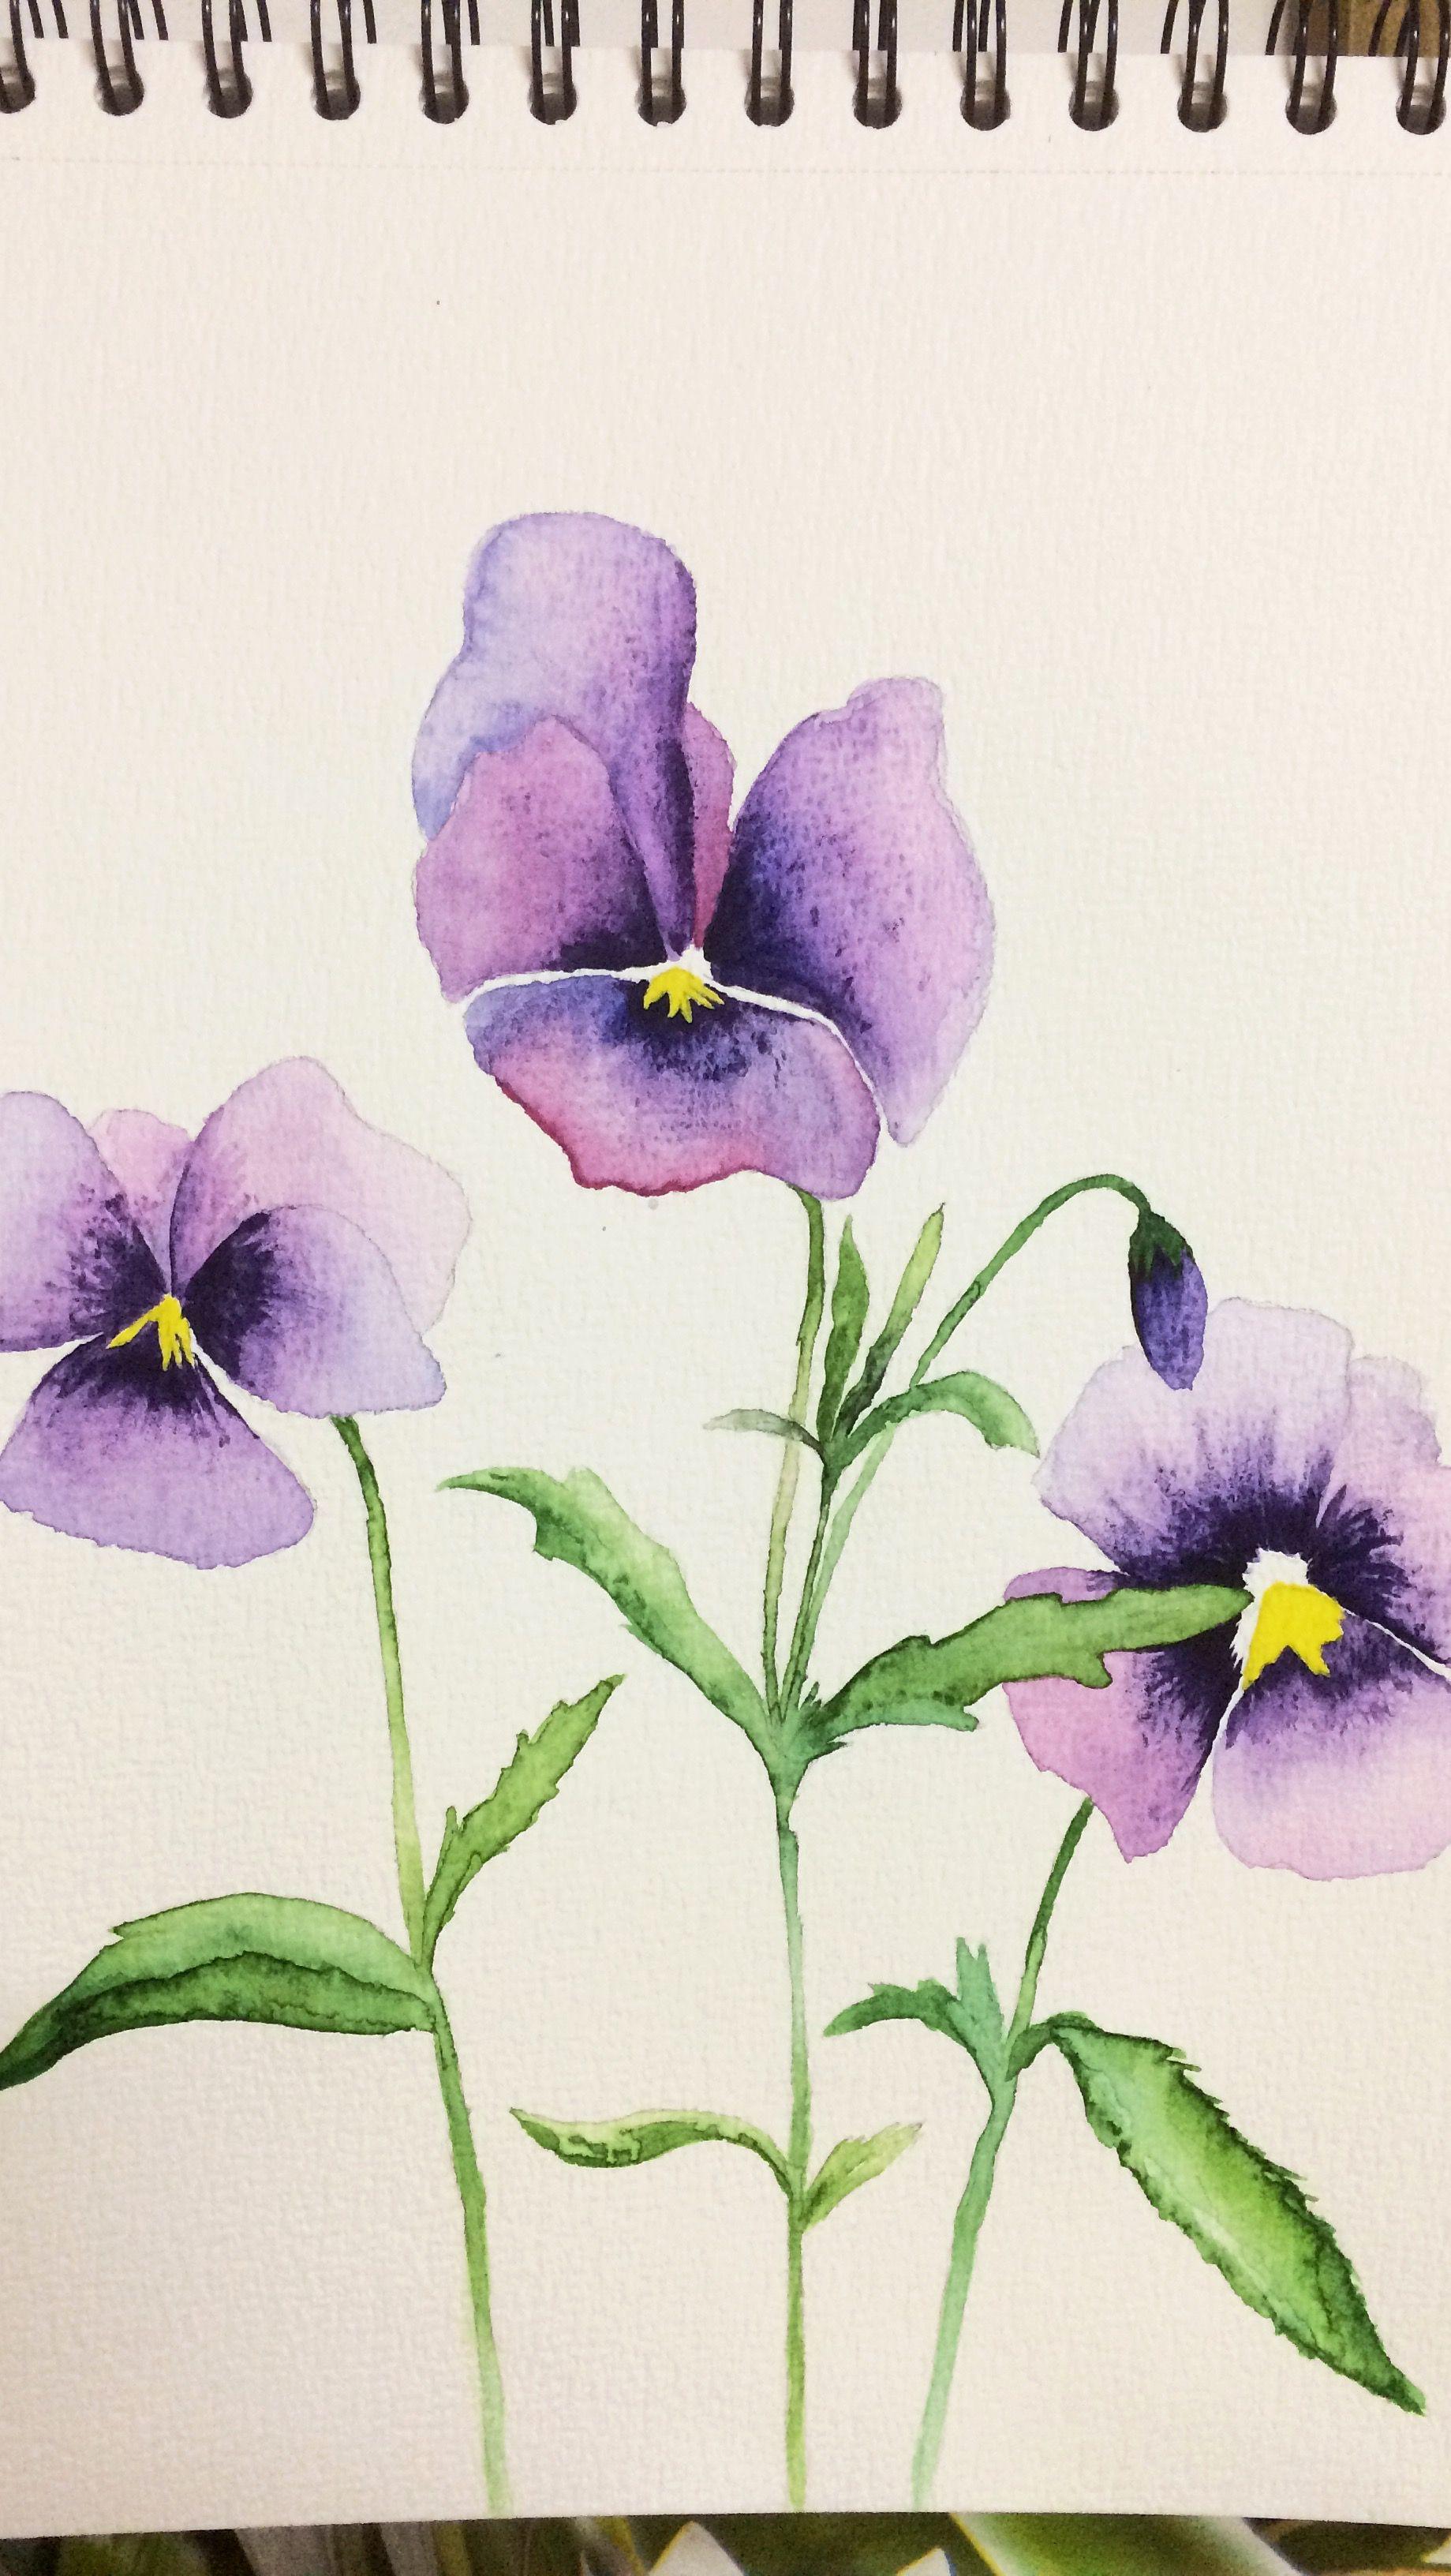 Mor Menekse Watercolor Flowers Paintings Watercolor Art Watercolor Illustration